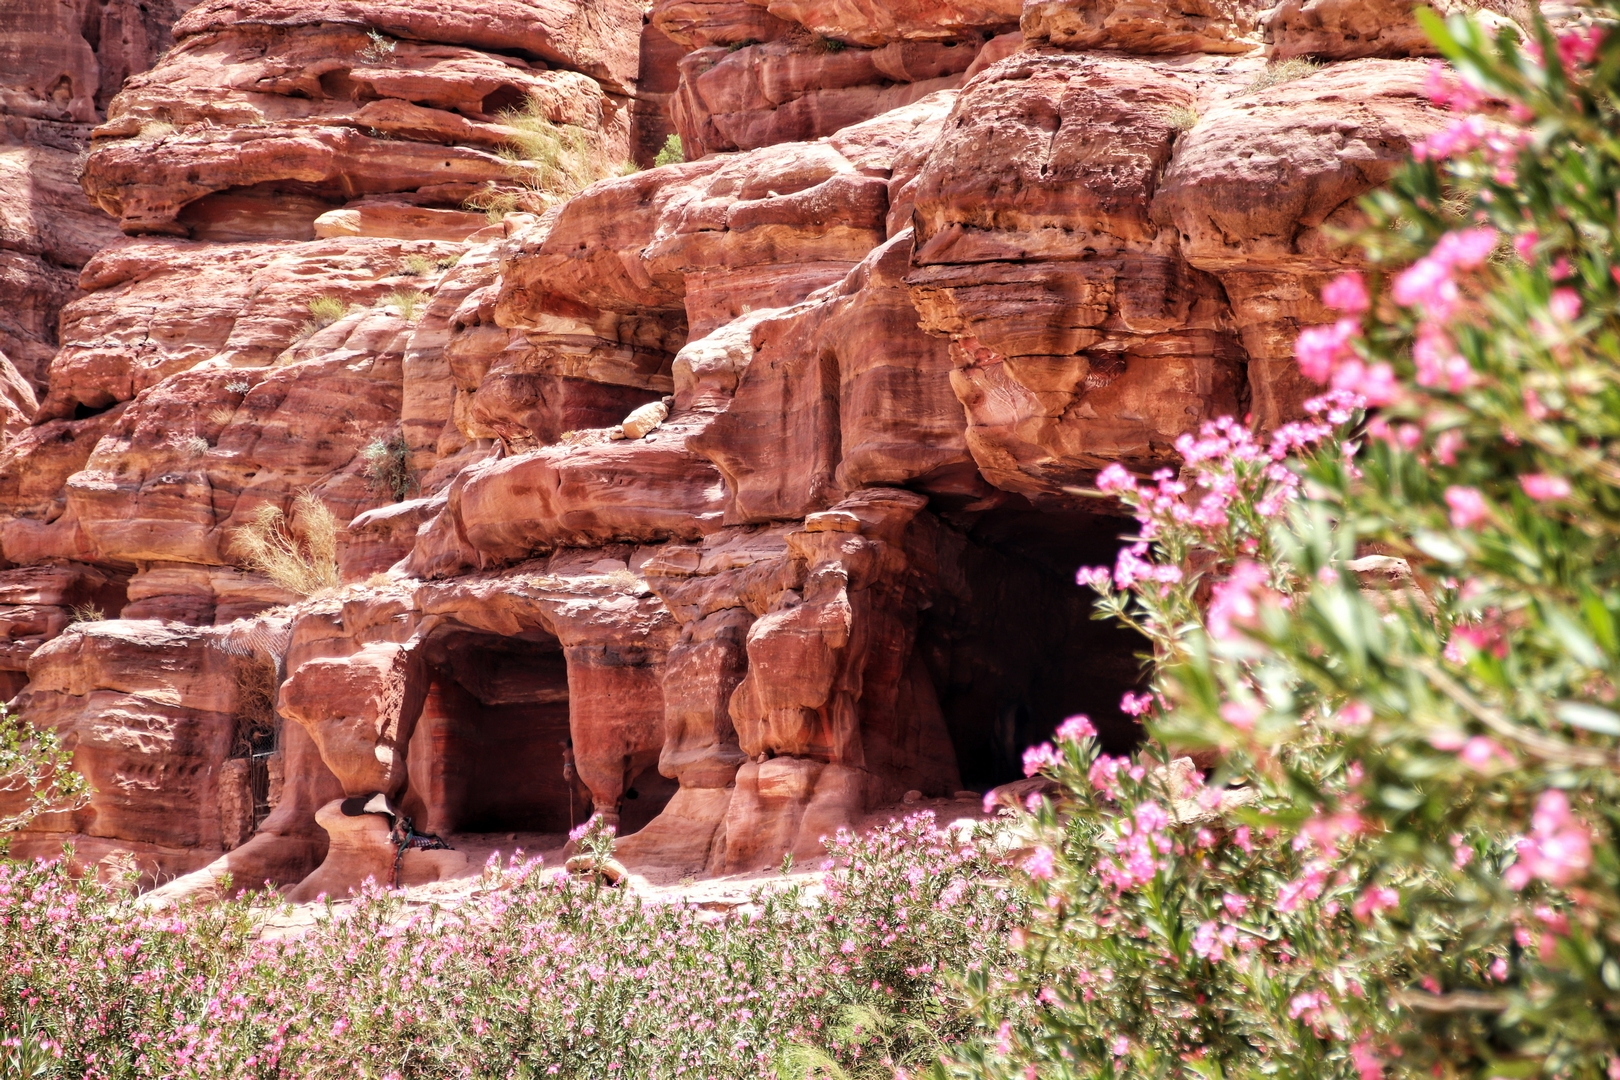 Jordanie - Lauriers roses sur le site de Petra